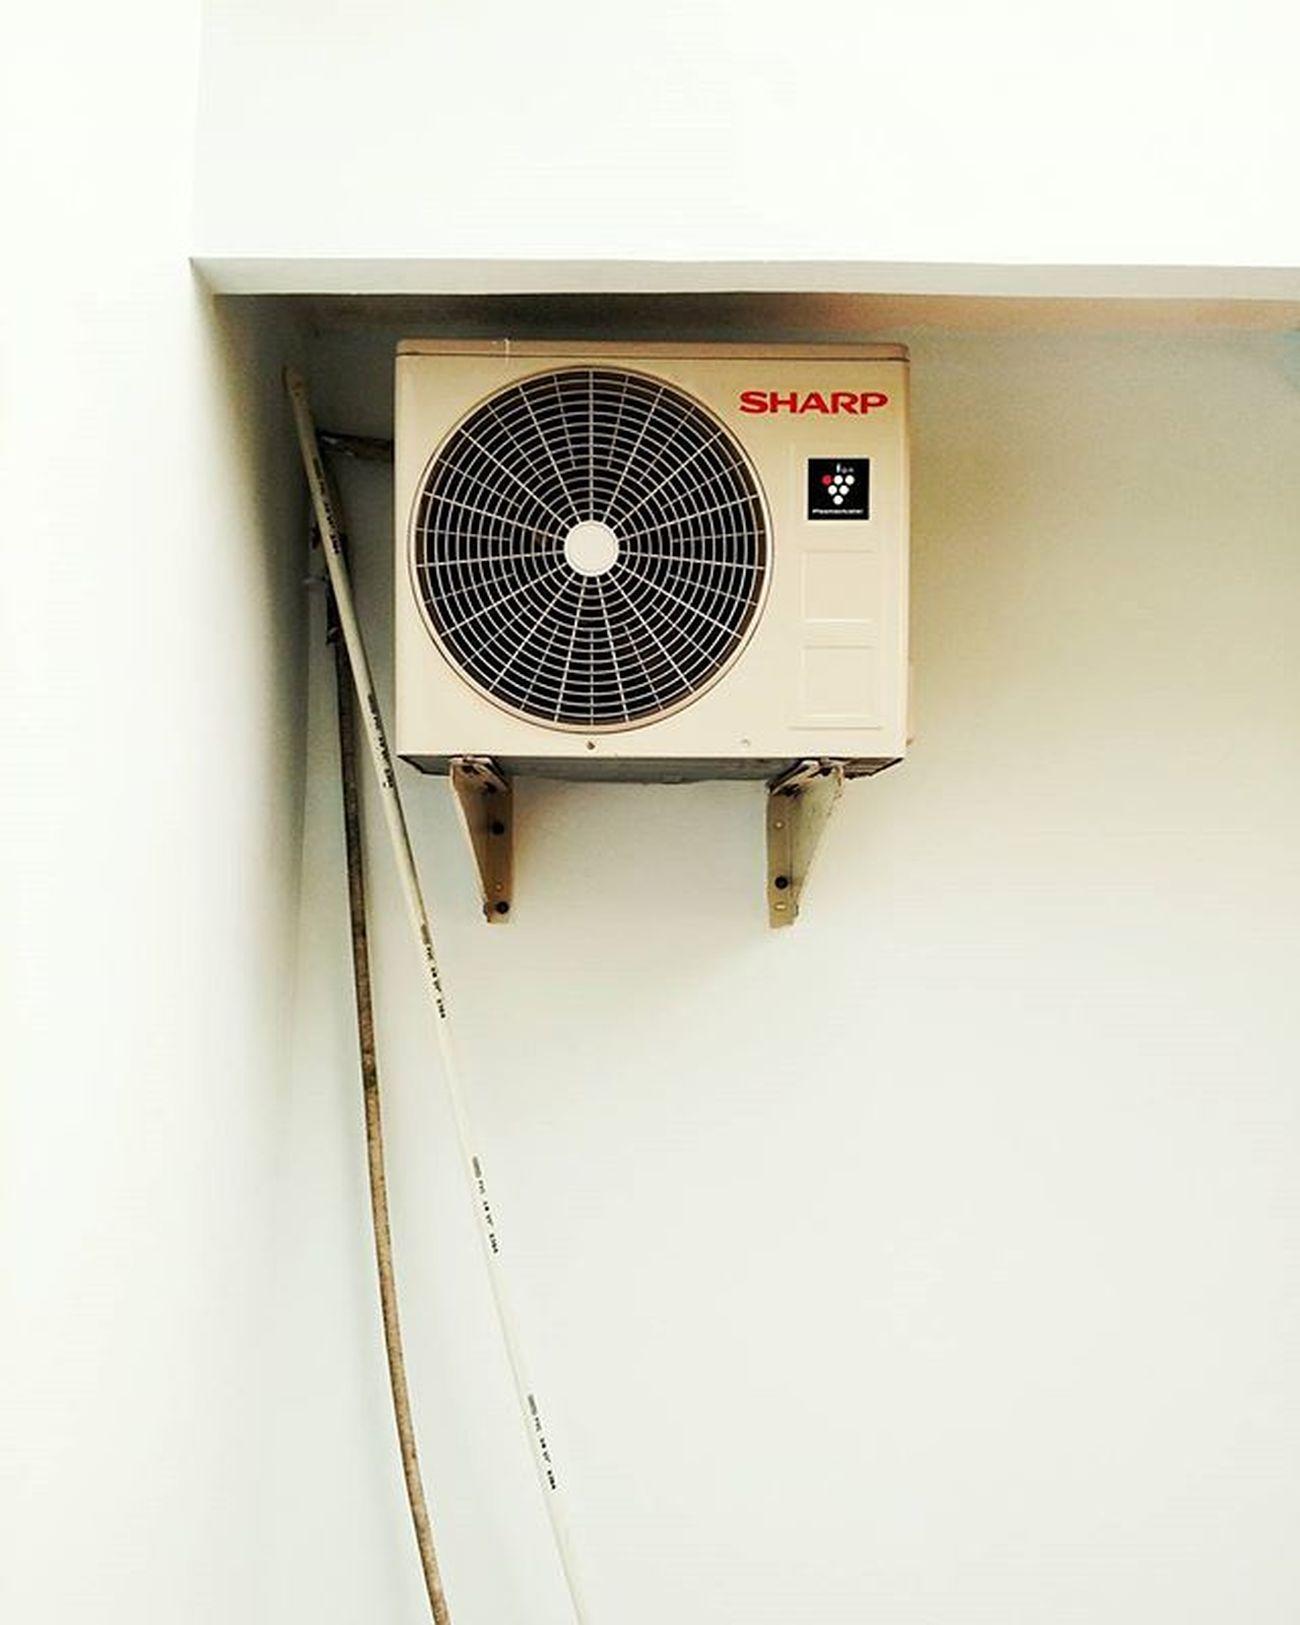 Komvresor Kompresor Ac Putih Minimalis Compressor Airconditioner White Minimal